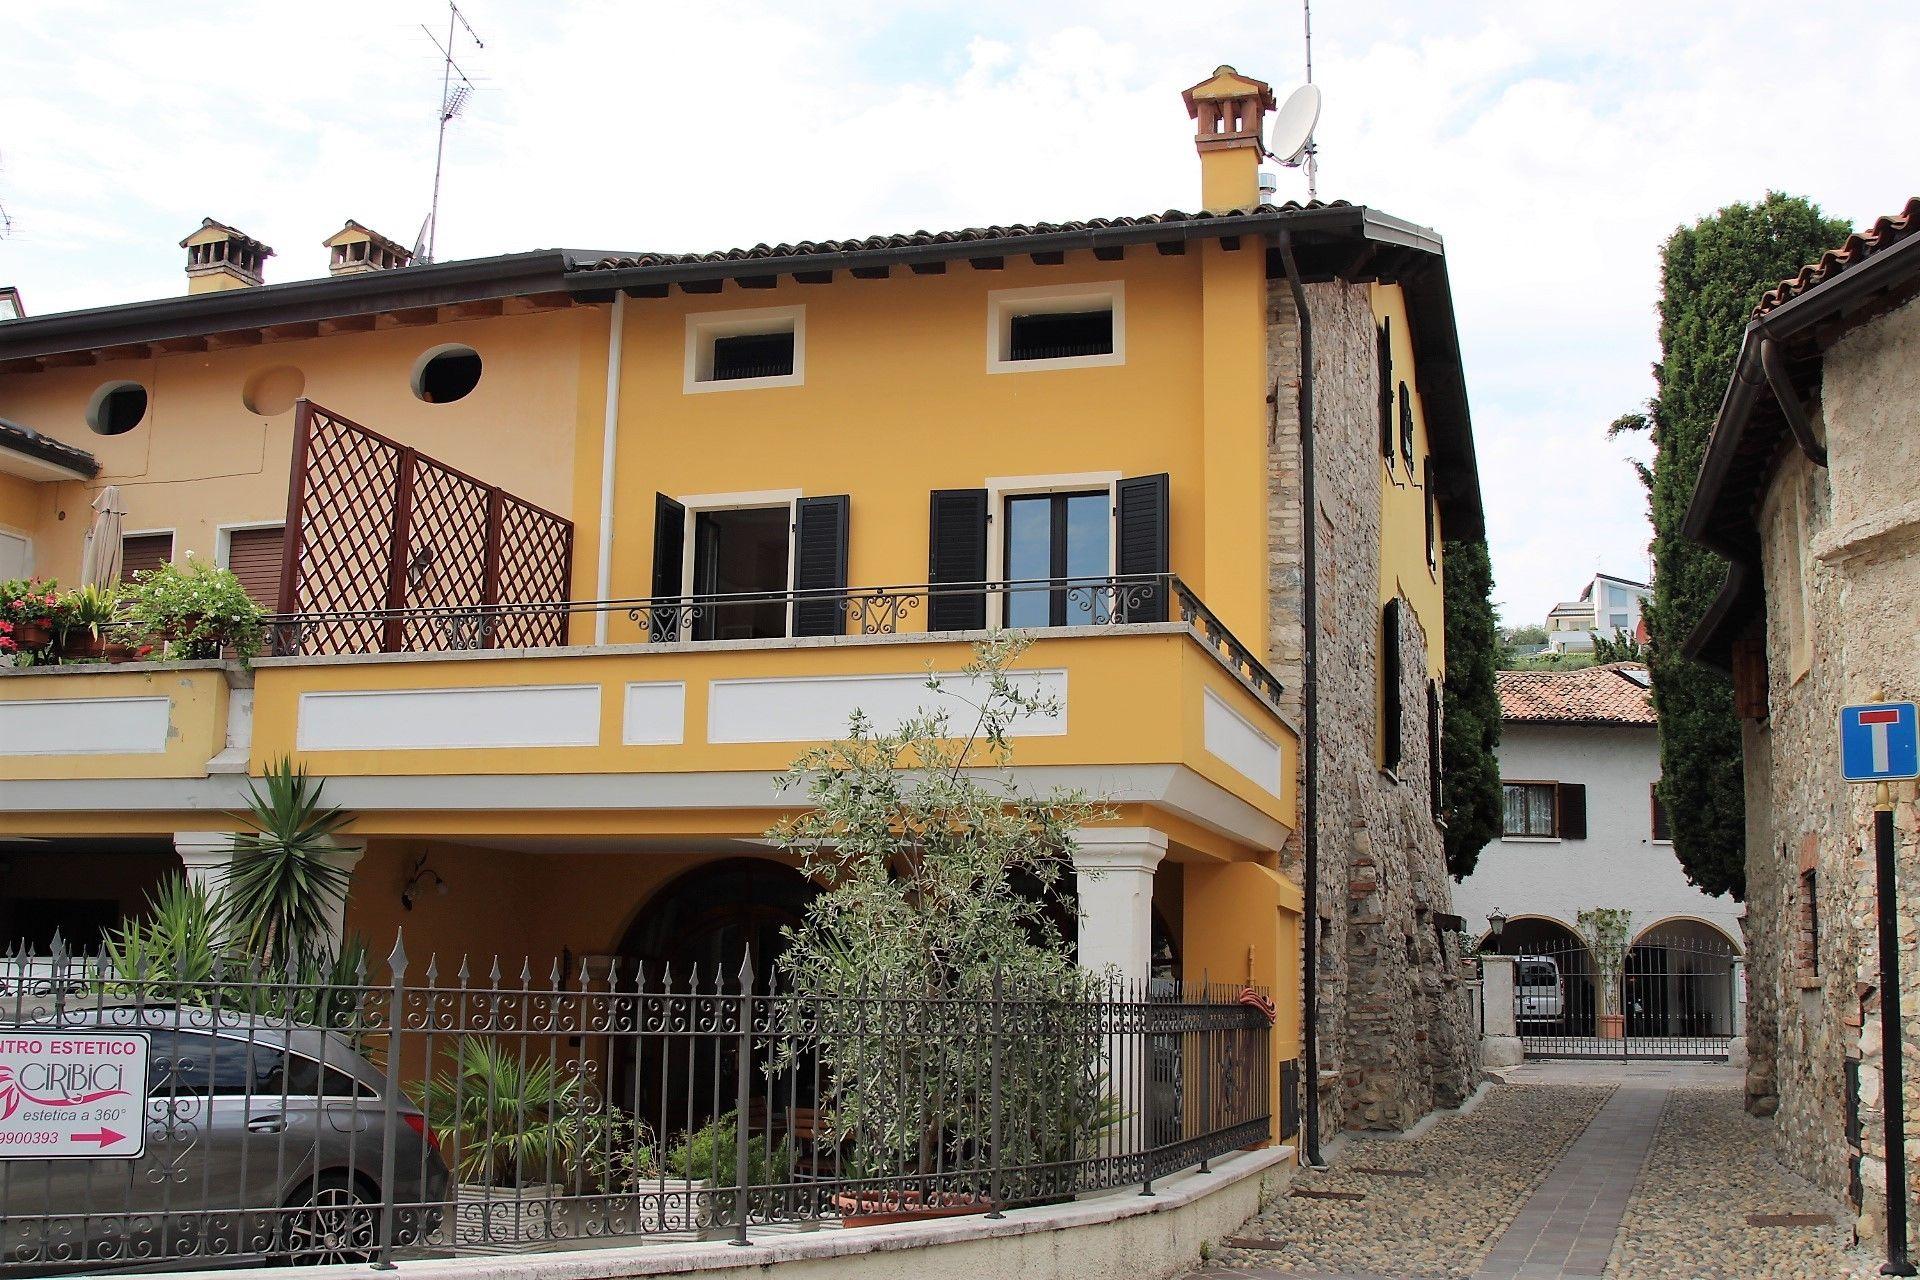 Specialisti nella vendita di immobili sul Lago di Garda ...